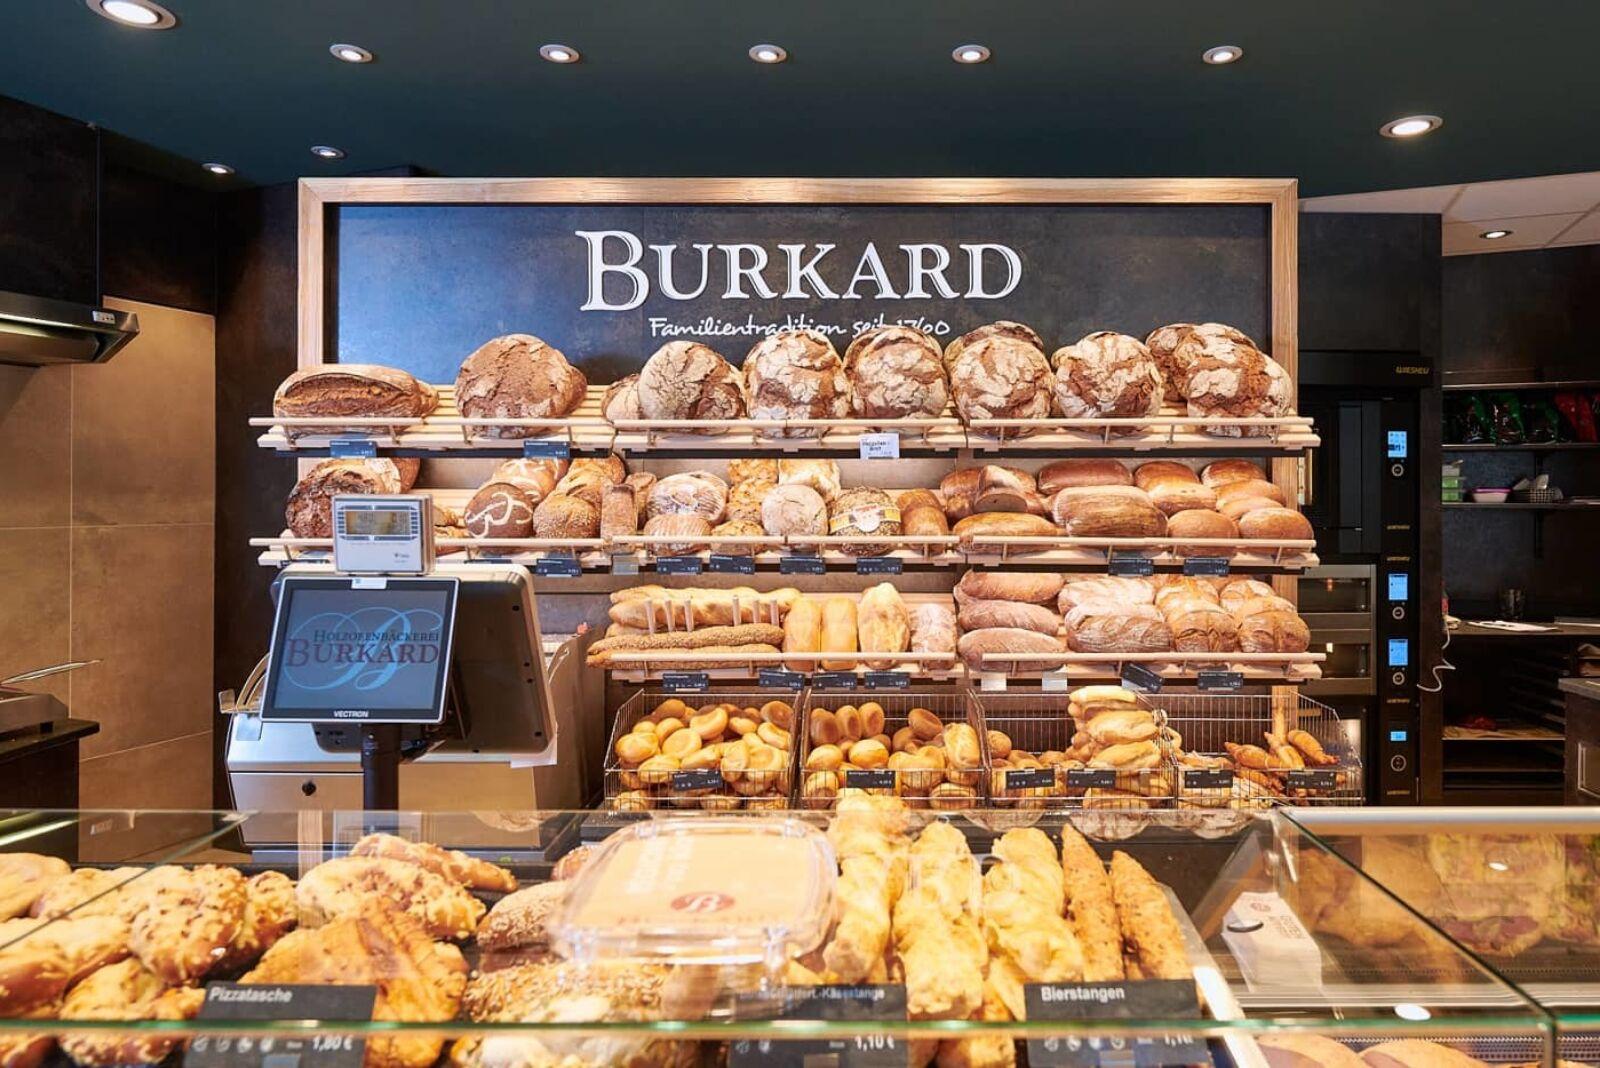 Täglich frische Brotspezialitäten in den Filialen der Bäckerei Burkard